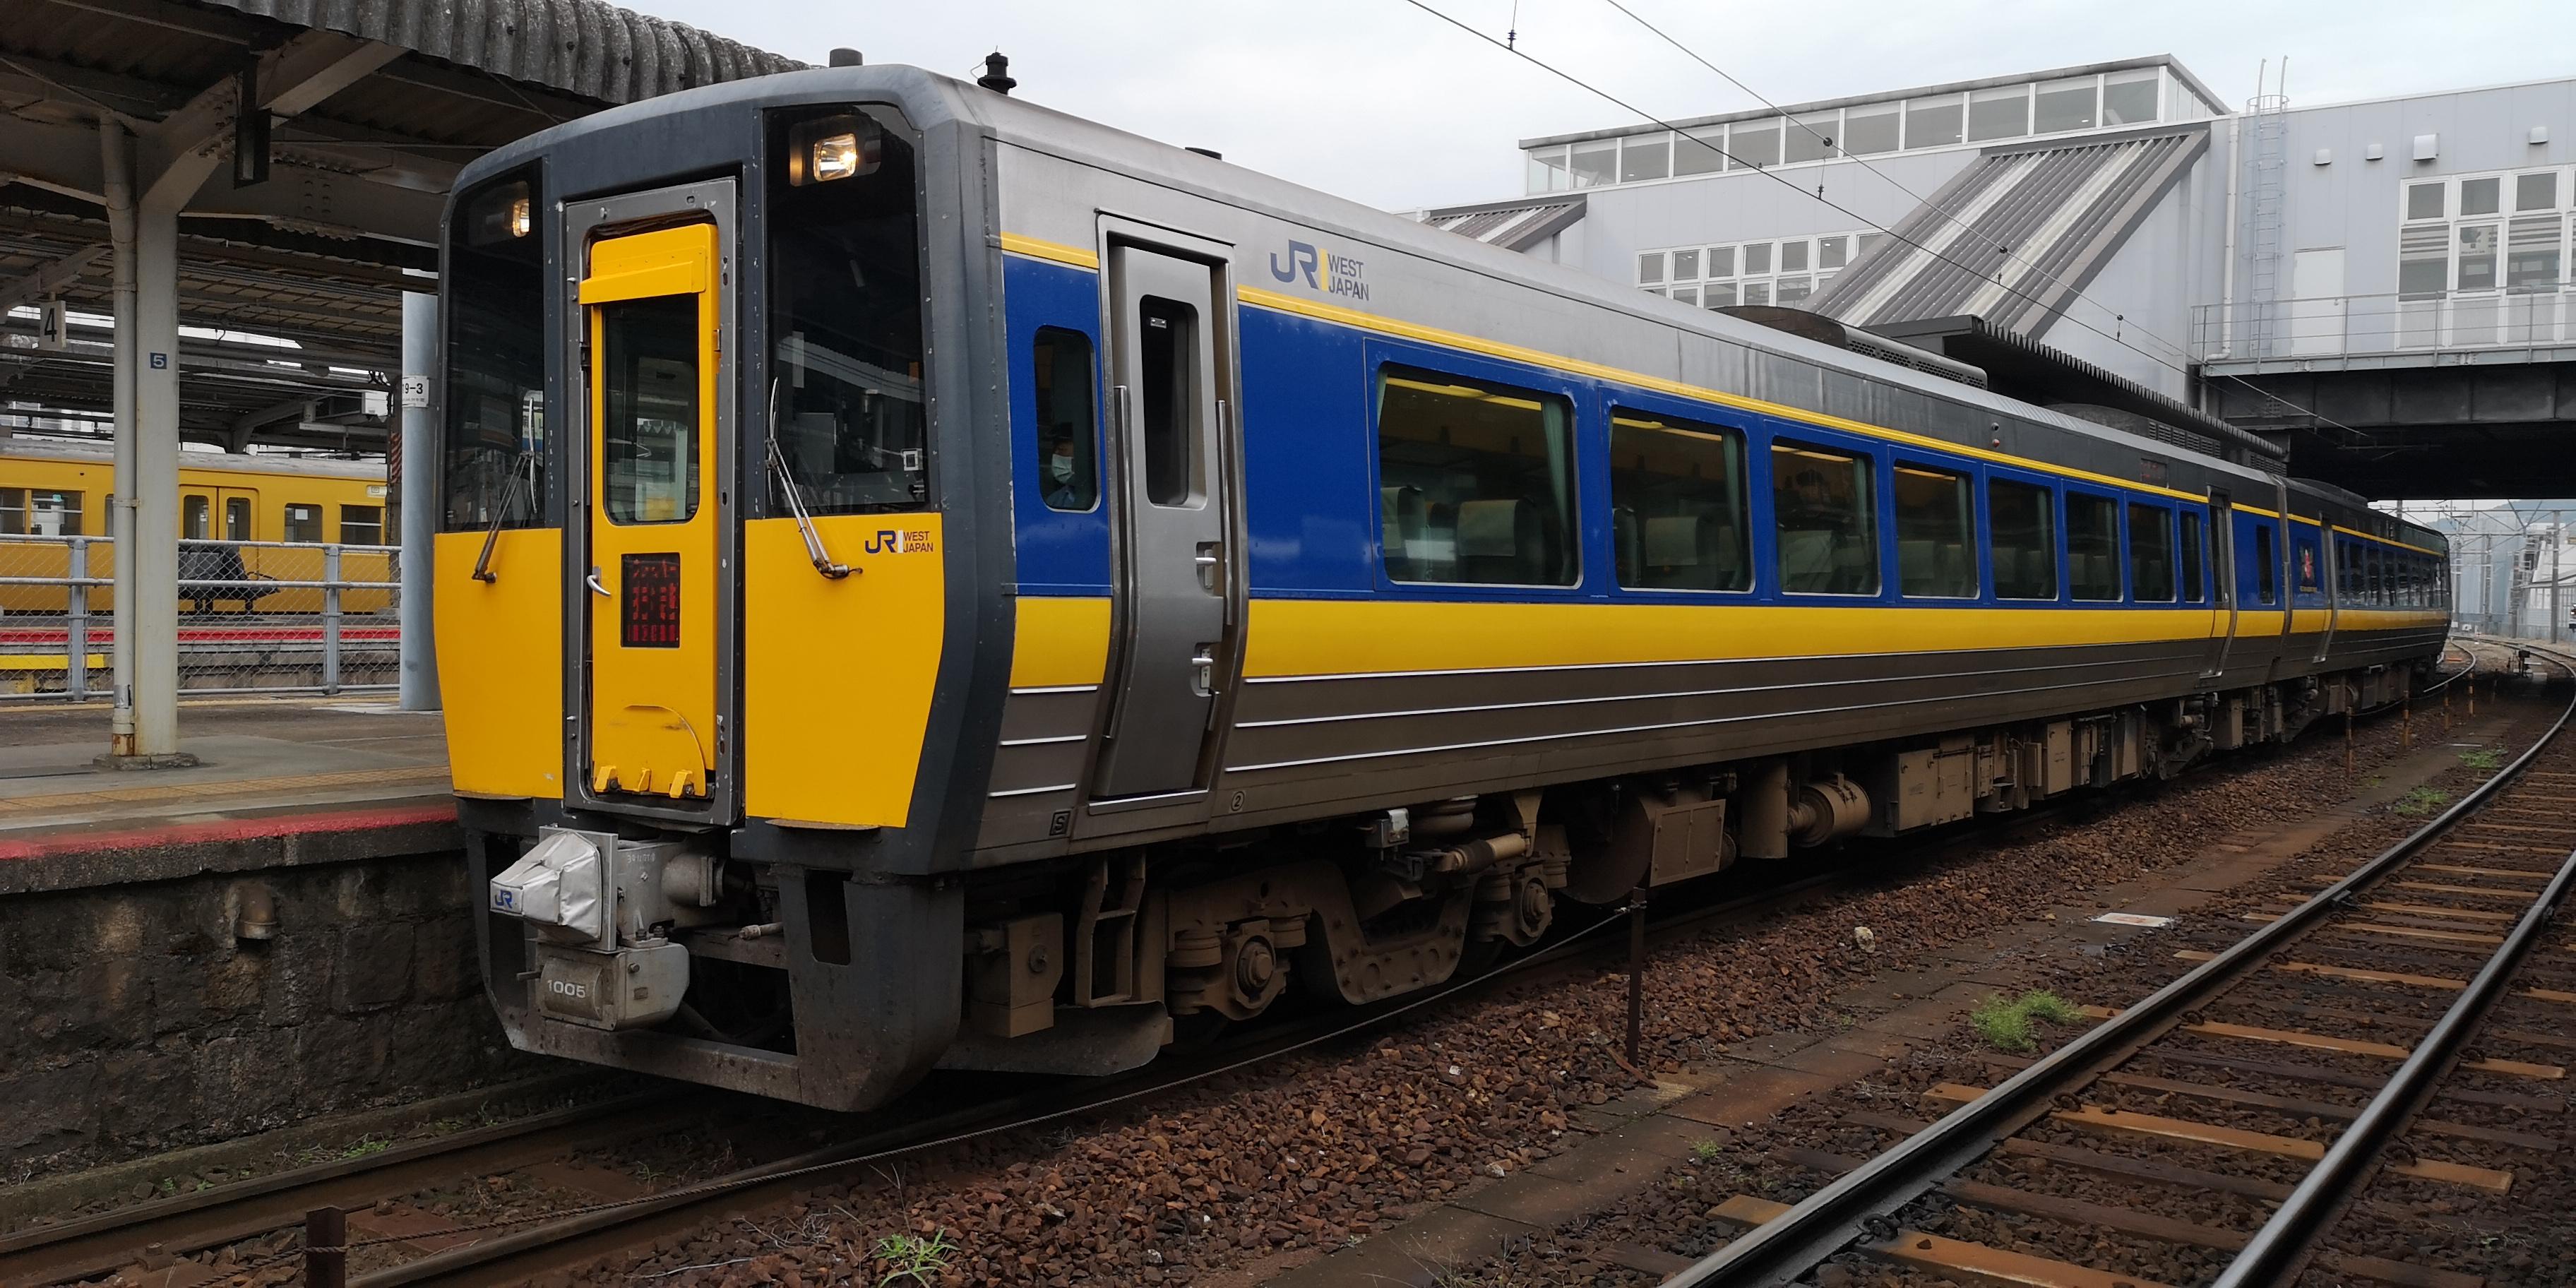 特急スーパーおきの車両、座席、お得な切符などについて解説。鳥取 ...